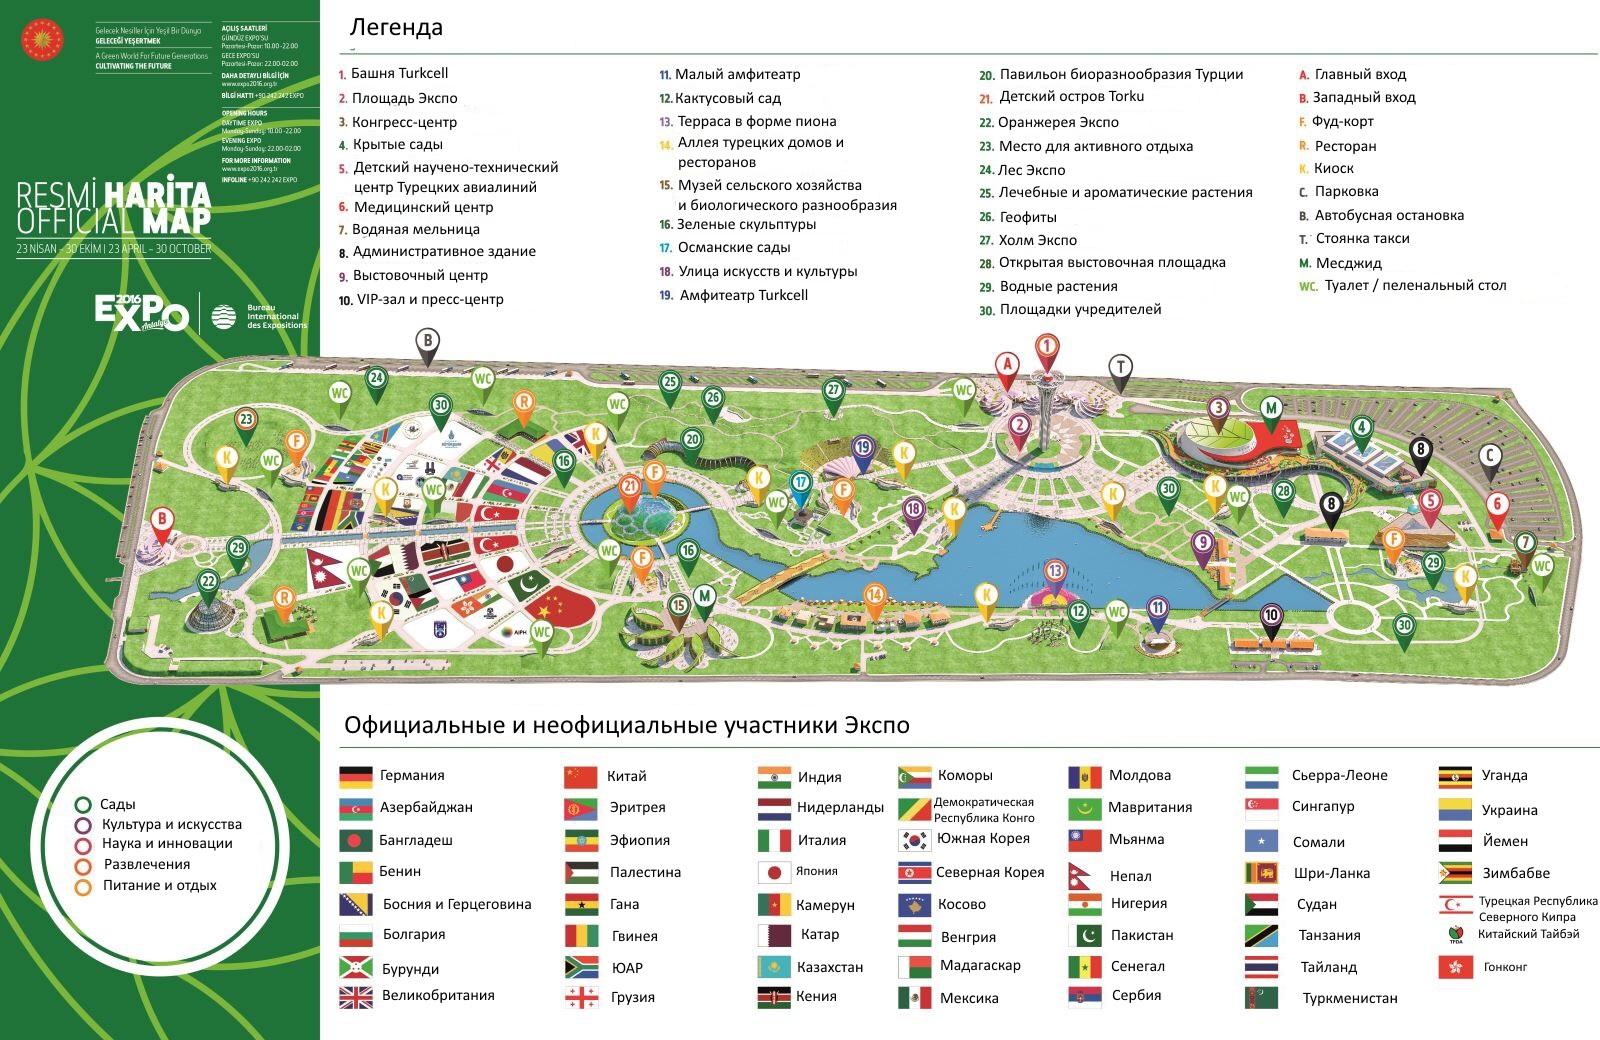 Русская карта экспо